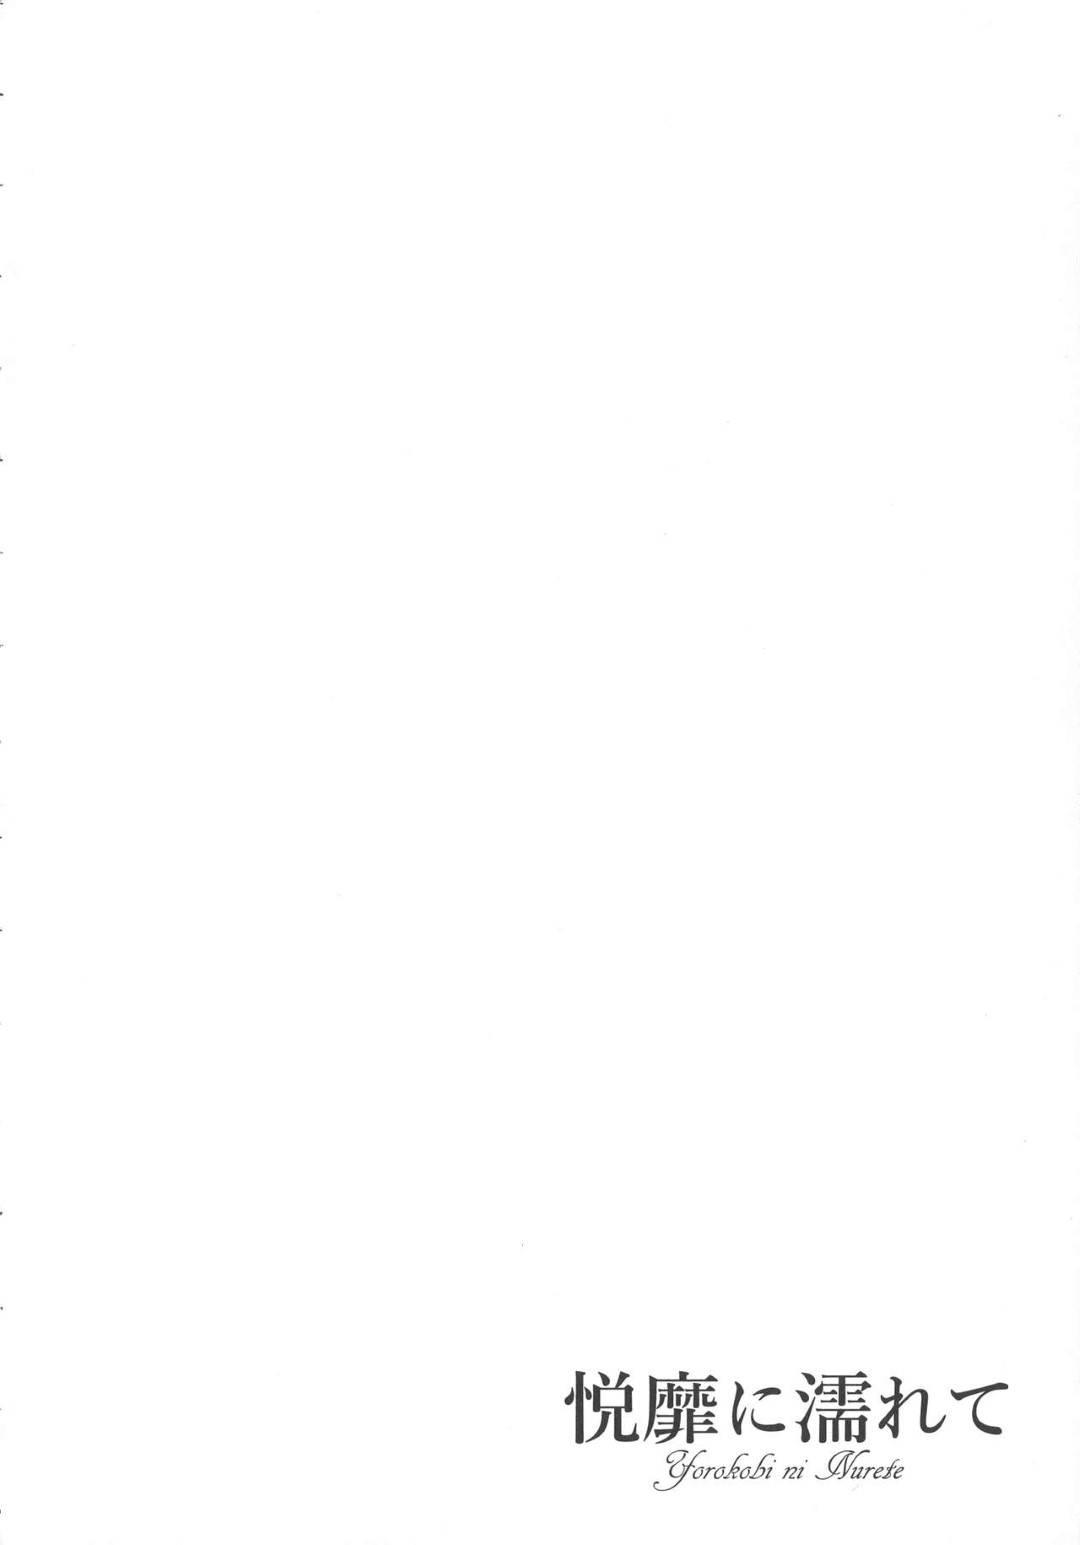 【エロ漫画】園長からエッチな調教を受けるハメになってしまった保母のムチムチお姉さん…断れない彼女はされるがままとなり、尻コキされたり、立ちバックで中出しされたりする!【跳馬遊鹿:母乳が出ちゃうの!~保母のおっぱい調教中~】